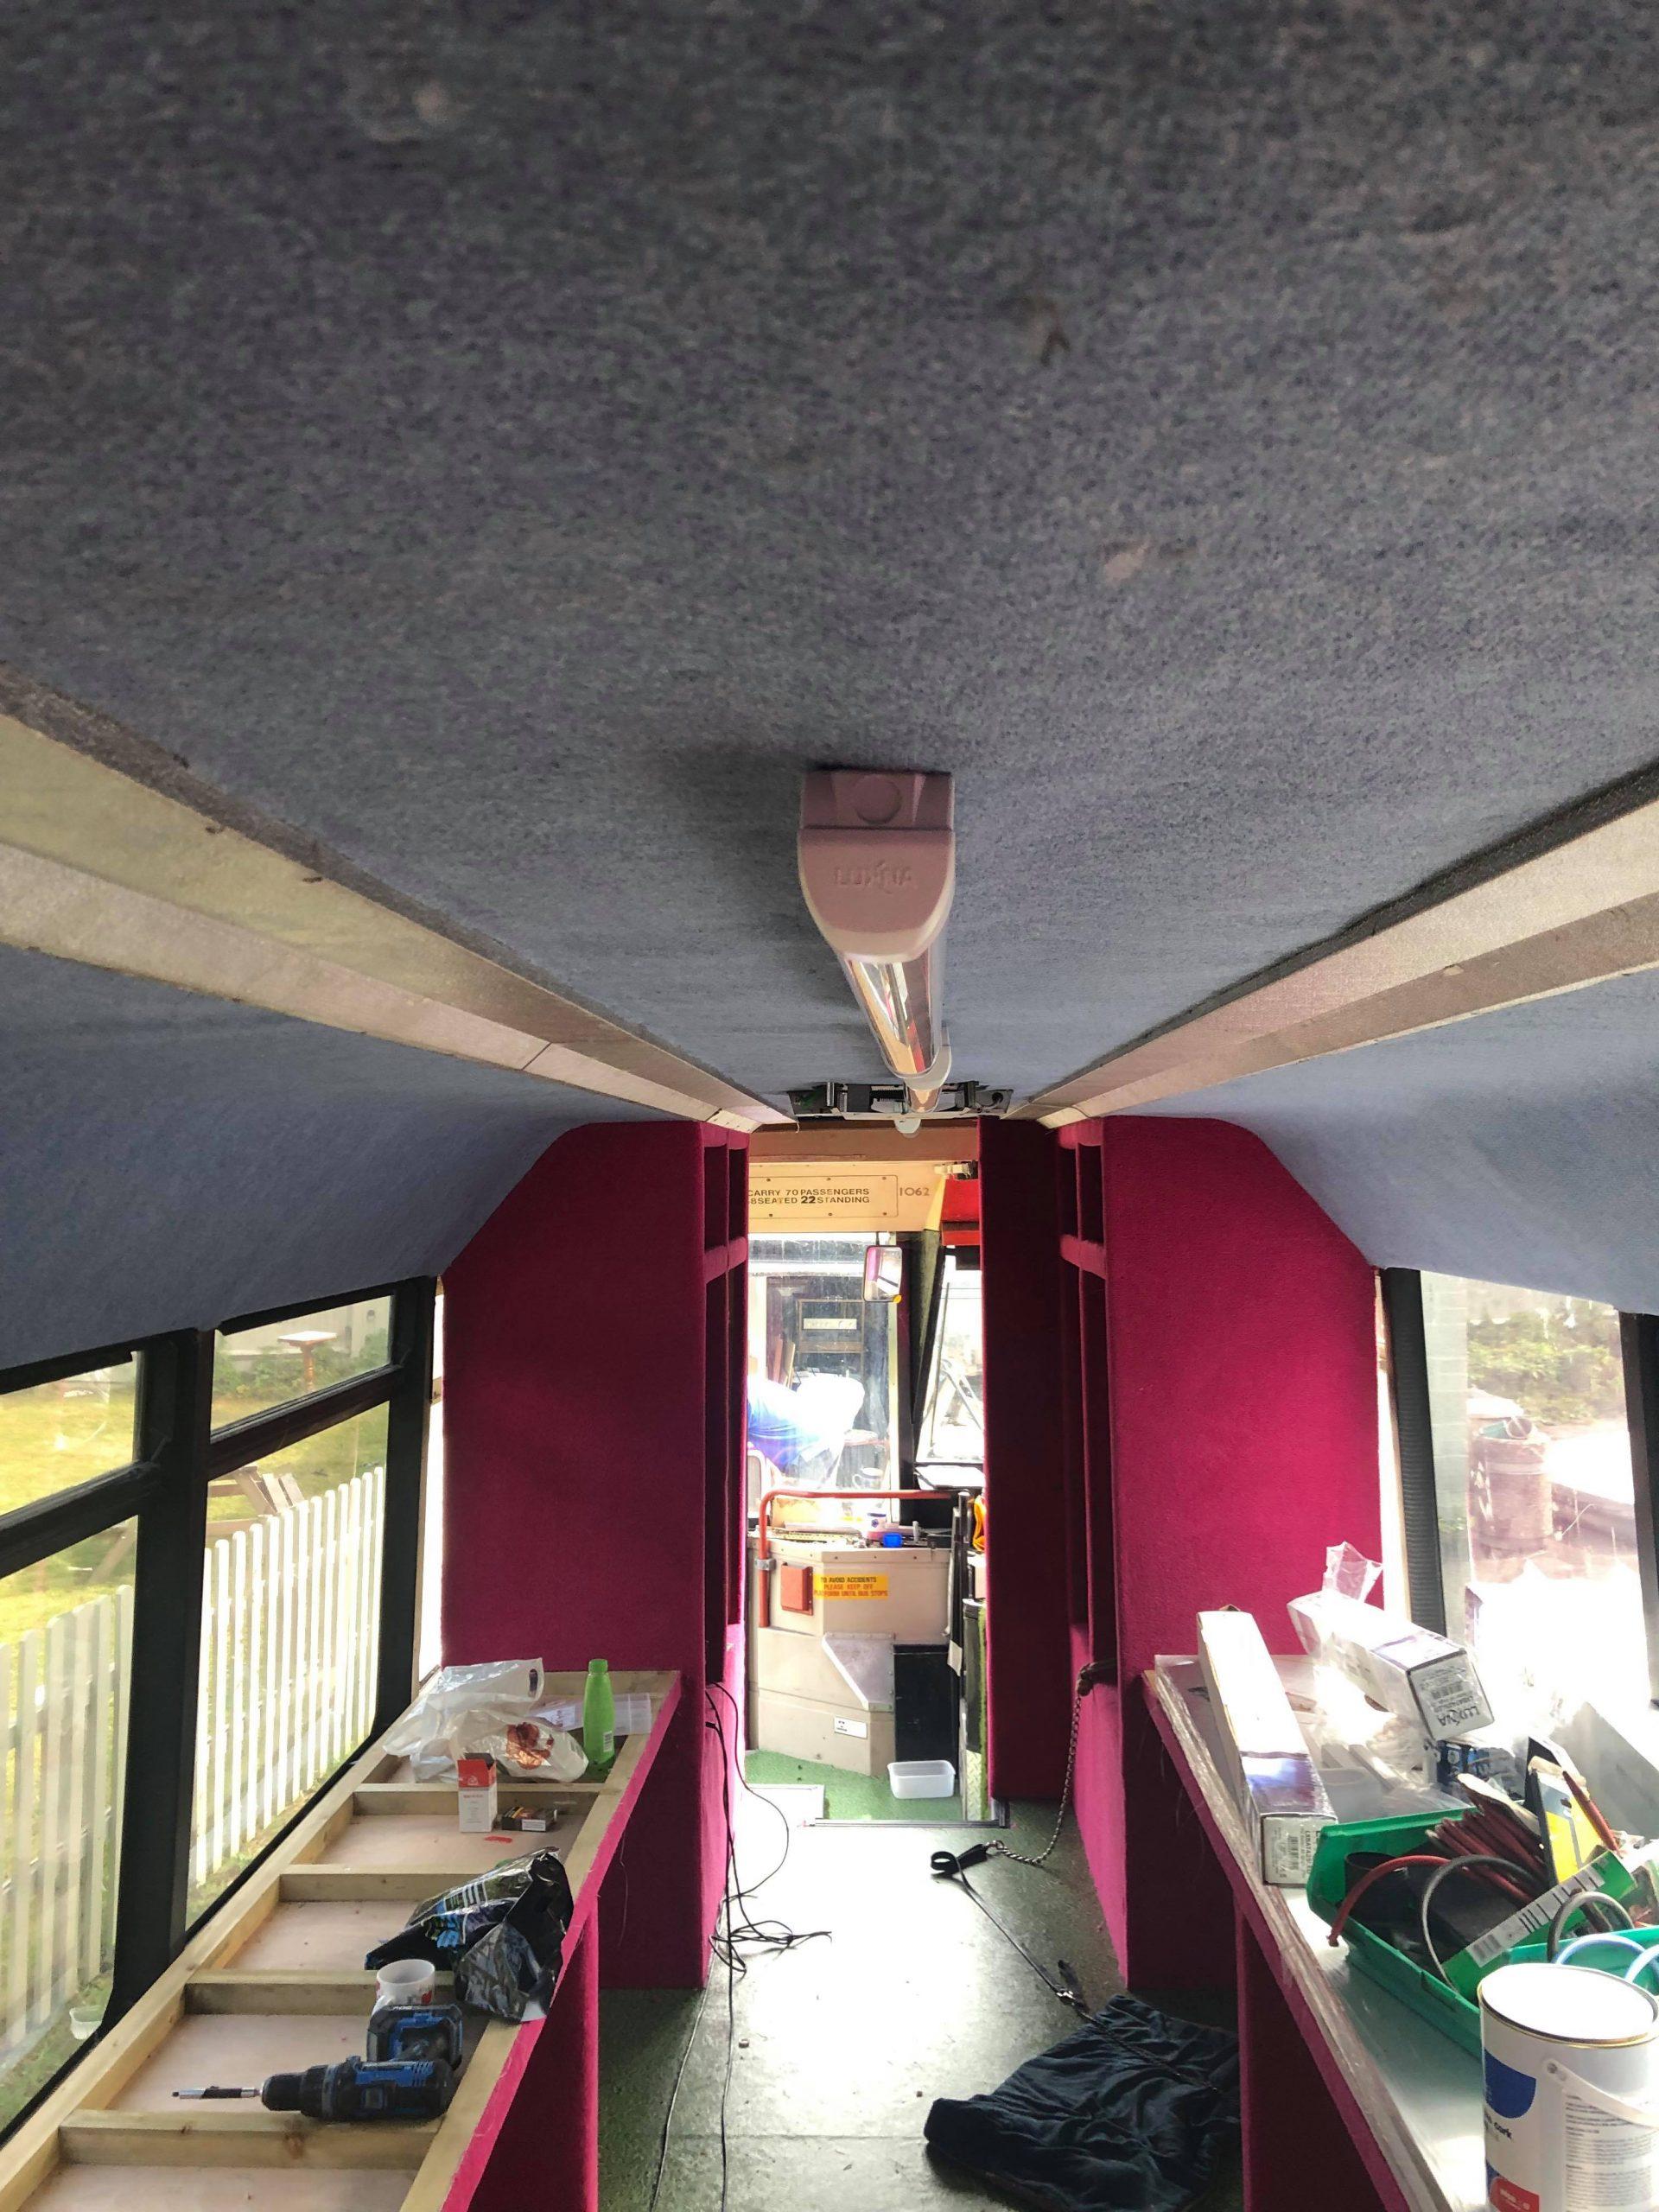 BUS-inside